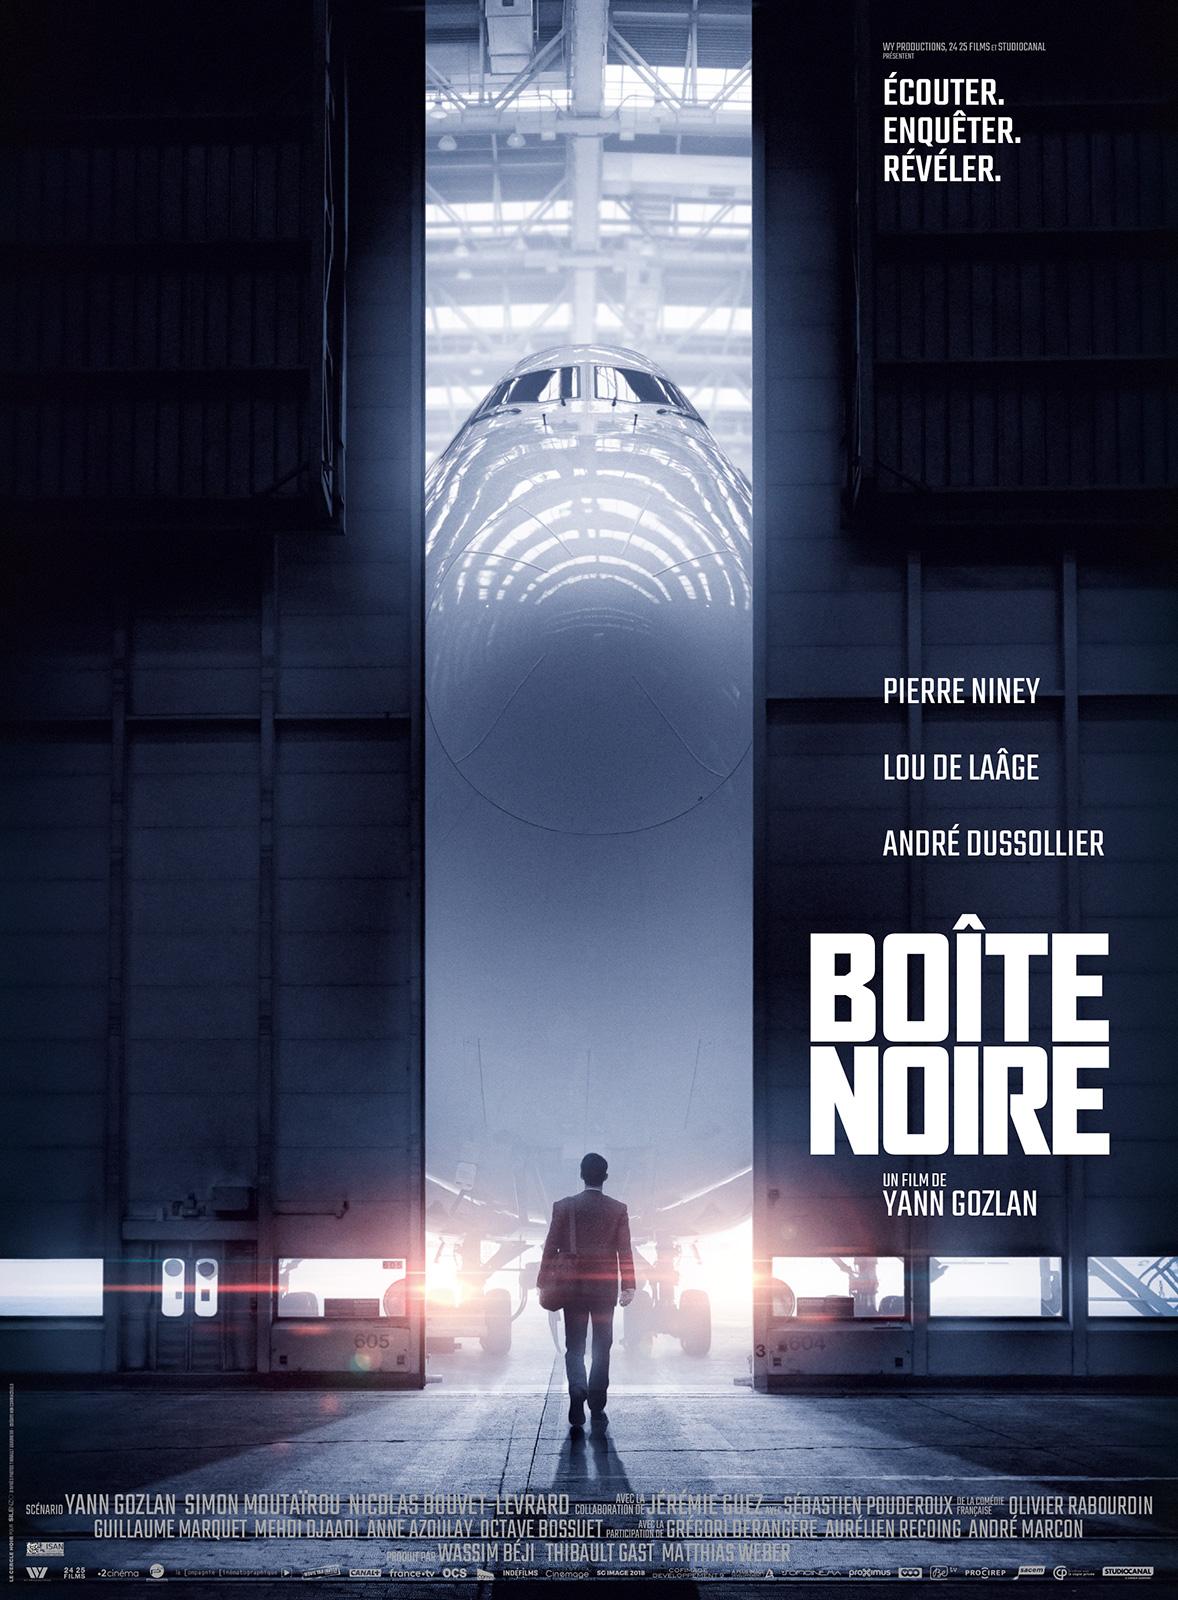 Affiche du film Boîte noire - Photo 29 sur 29 - AlloCiné